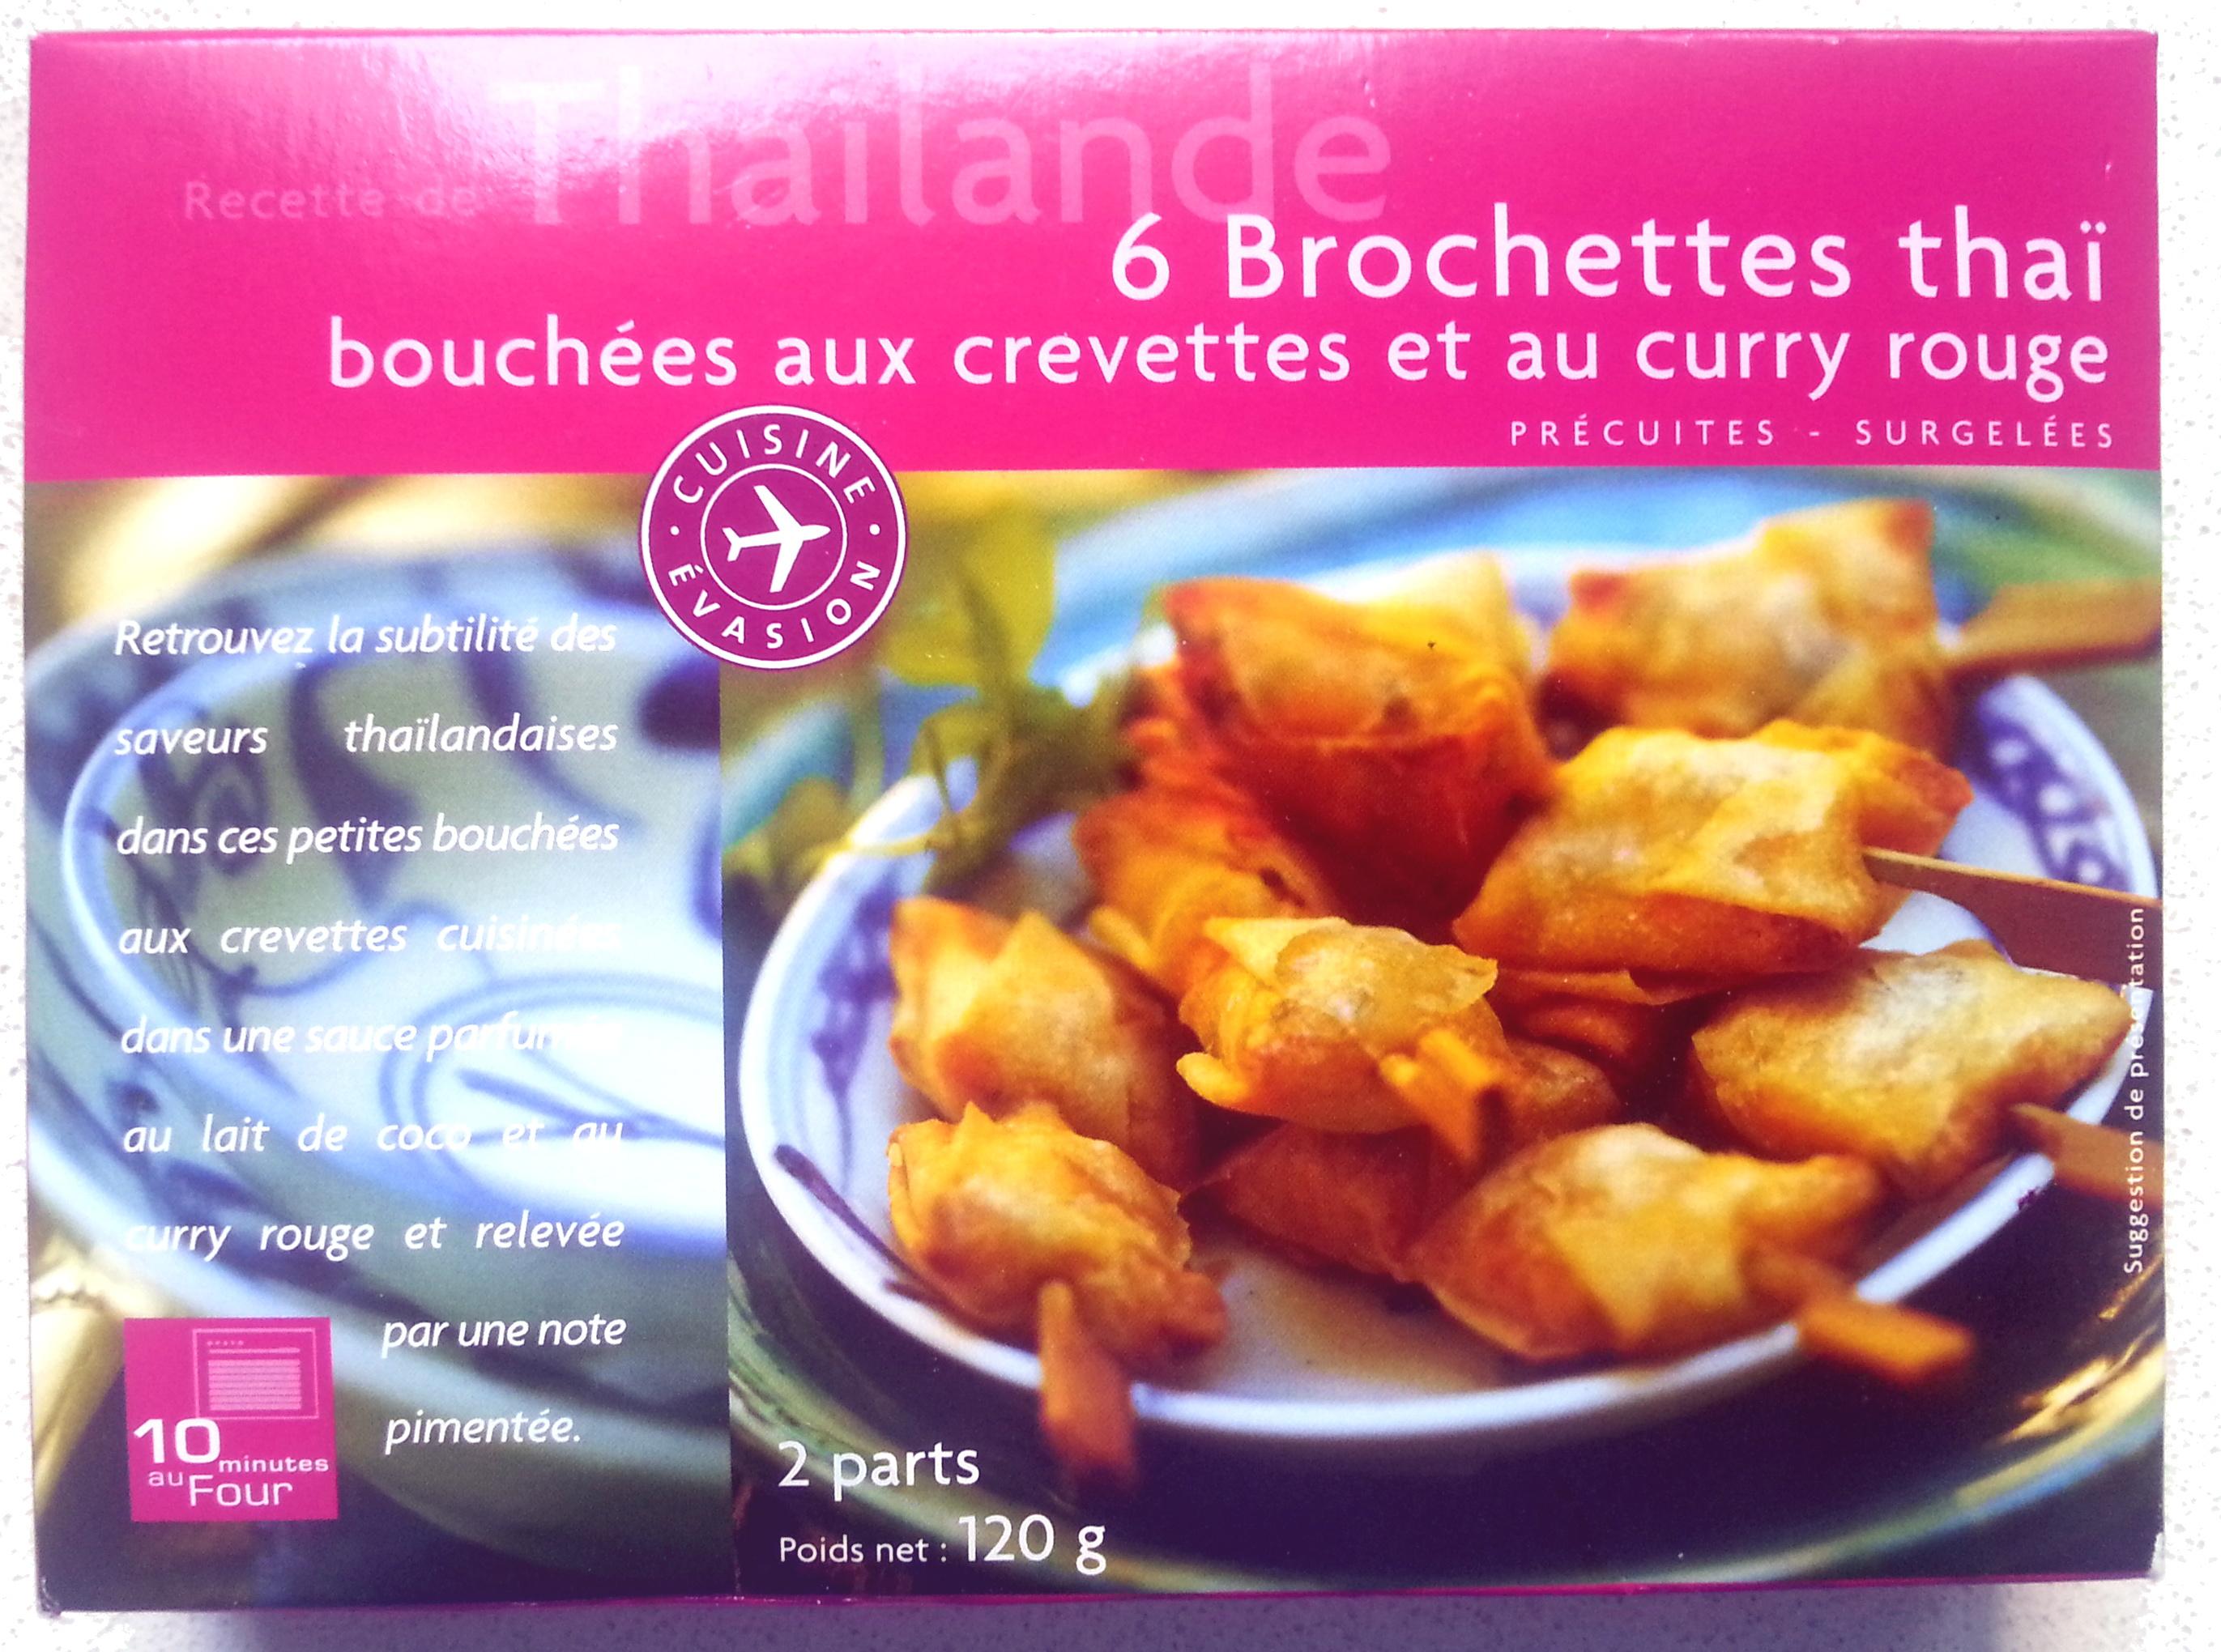 6 brochettes thaï bouchées aux crevettes et curry rouge - Product